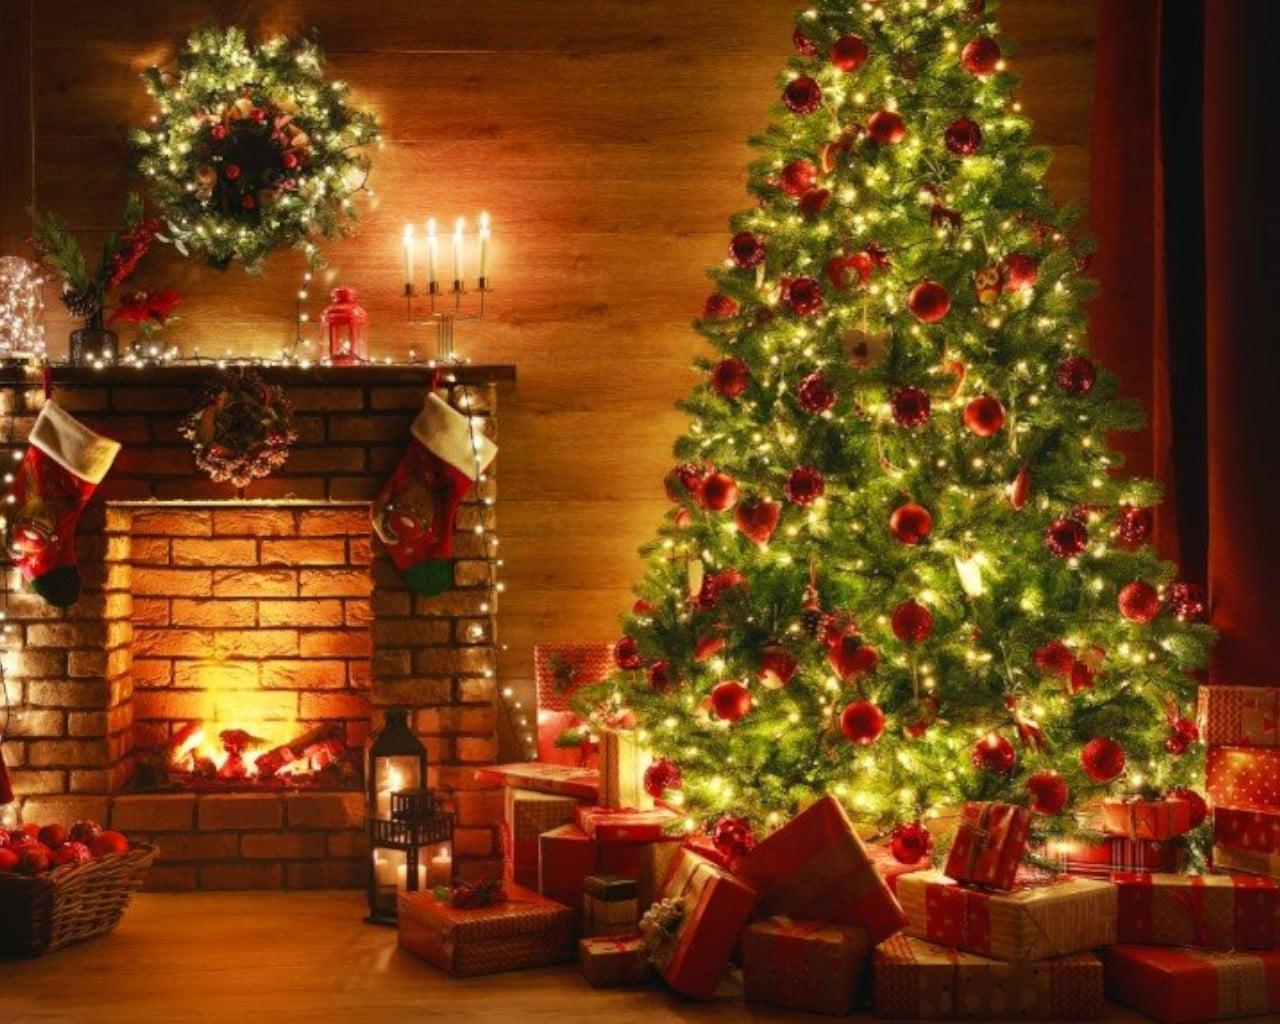 χριστουγεννιατικο δεντρο,χριστουγεννιατικο δεντρο slim,χριστουγεννιατικο δεντρο προσφορεσ,χριστουγεννιατικο δεντρο απο τσοχα,χριστουγεννιατικο δεντρο στολισμενο,χριστουγεννιατικο δεντρο skroutz,χριστουγεννιατικο δεντρο στολισμοσ,χριστουγεννιατικο δεντρο τοιχου,χριστουγεννιατικο δεντρο χιονισμενο